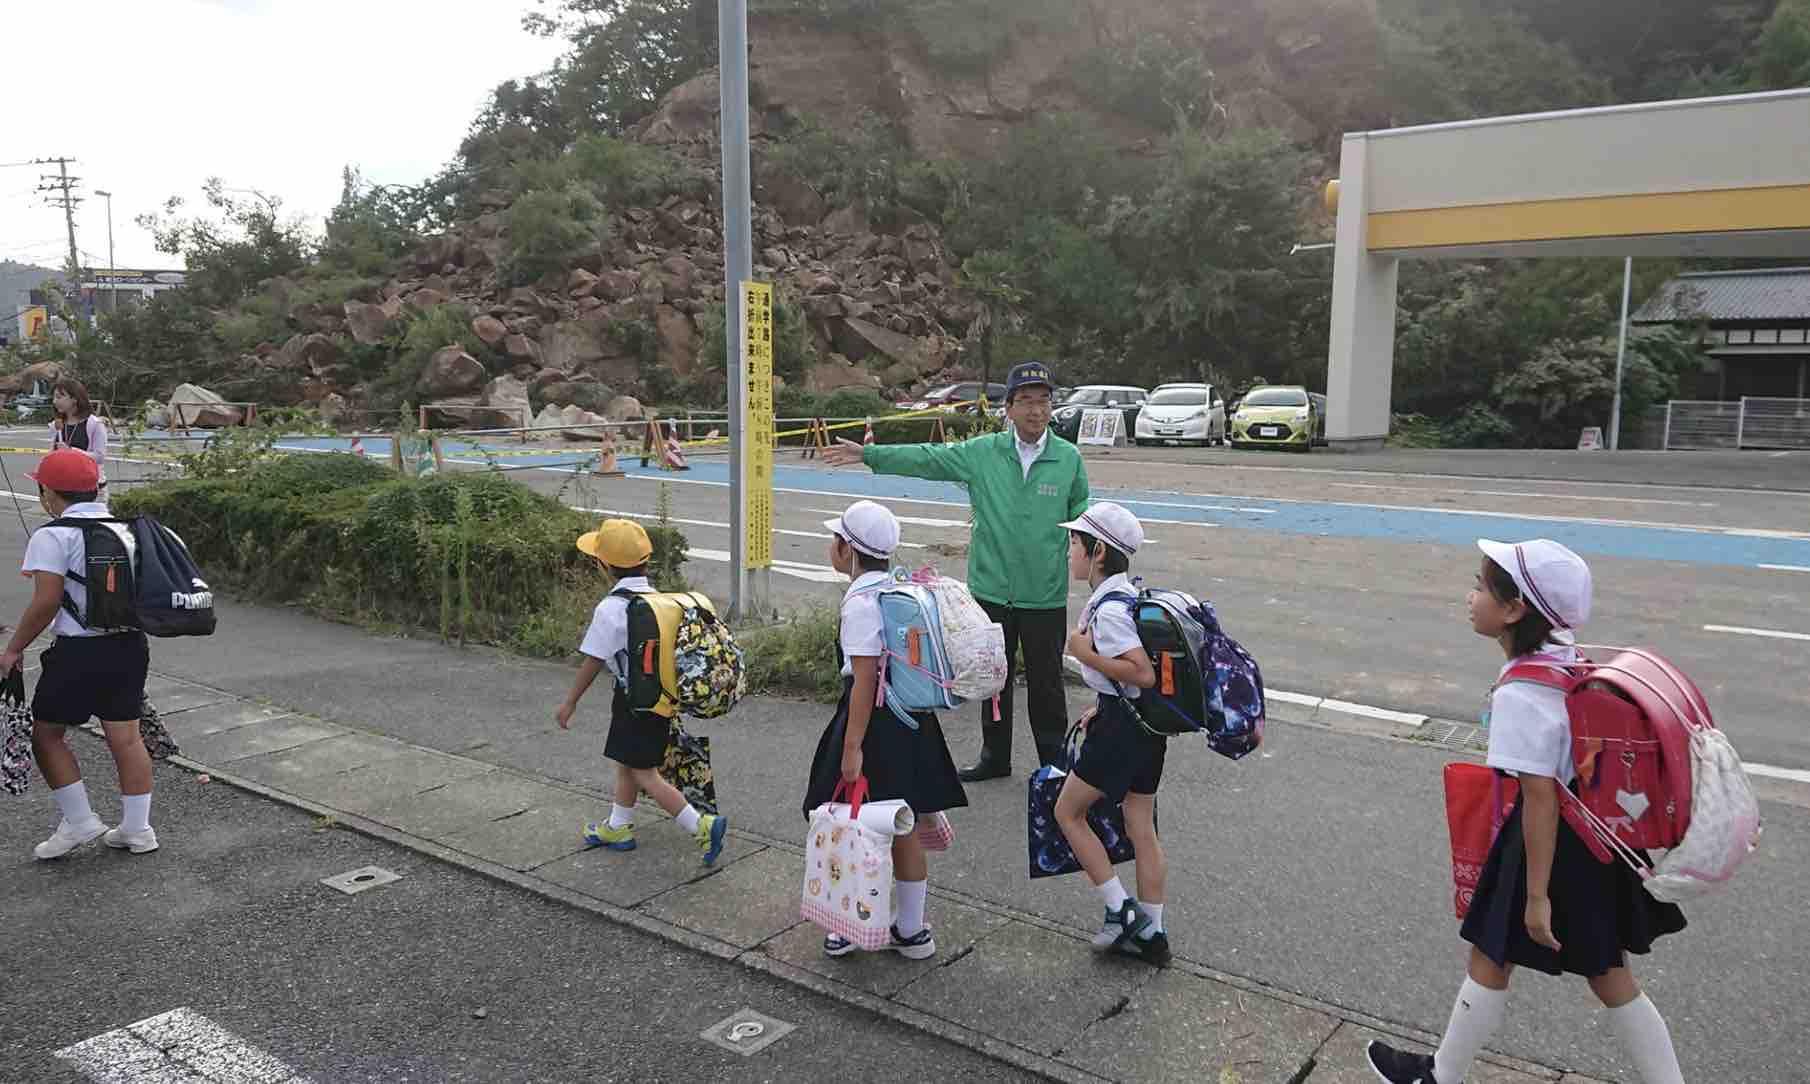 鹿島山崩れ、県道通行止で市長等に緊急要望_e0068696_1005470.jpg